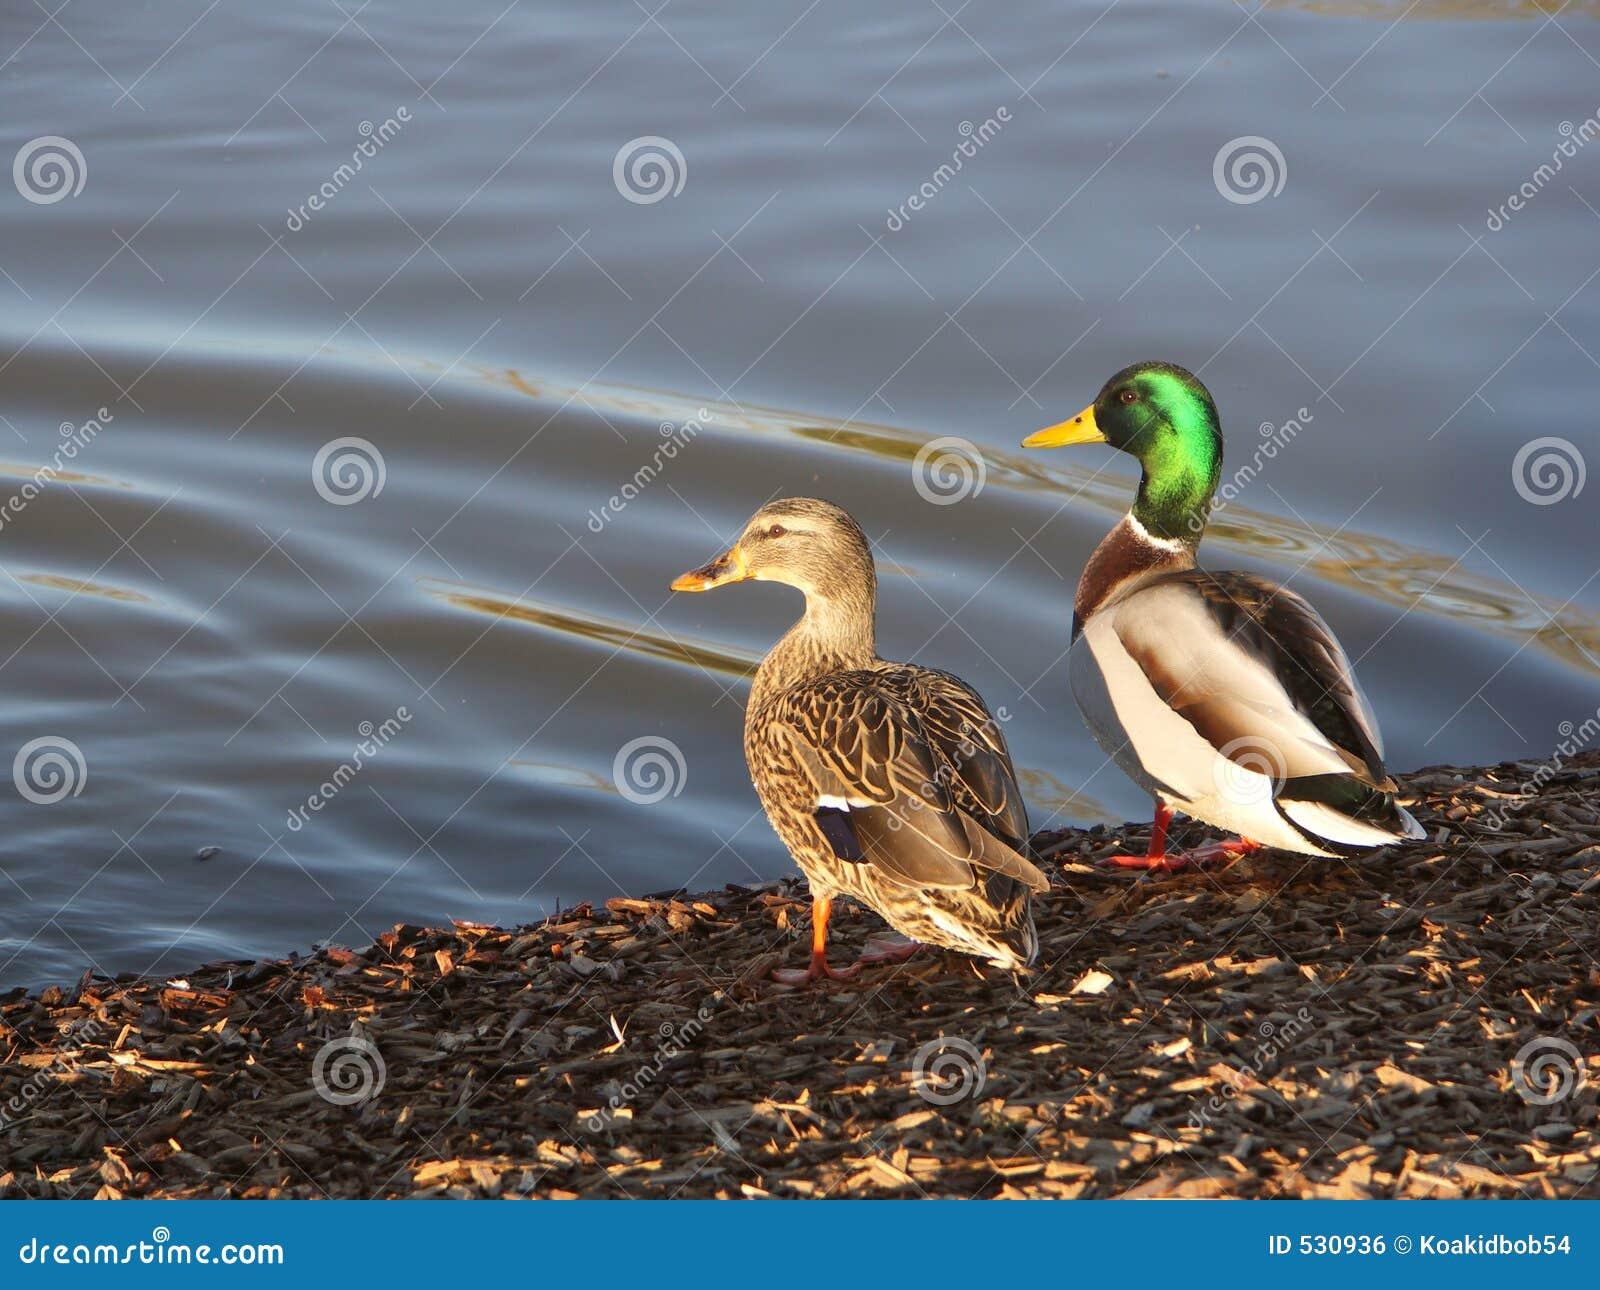 Download 野鸭晒黑 库存照片. 图片 包括有 女性, 雄鸭, 本质, 湖边, 水鸟, 河岸, 鸭子, 鸟的监视人的, 池塘 - 530936